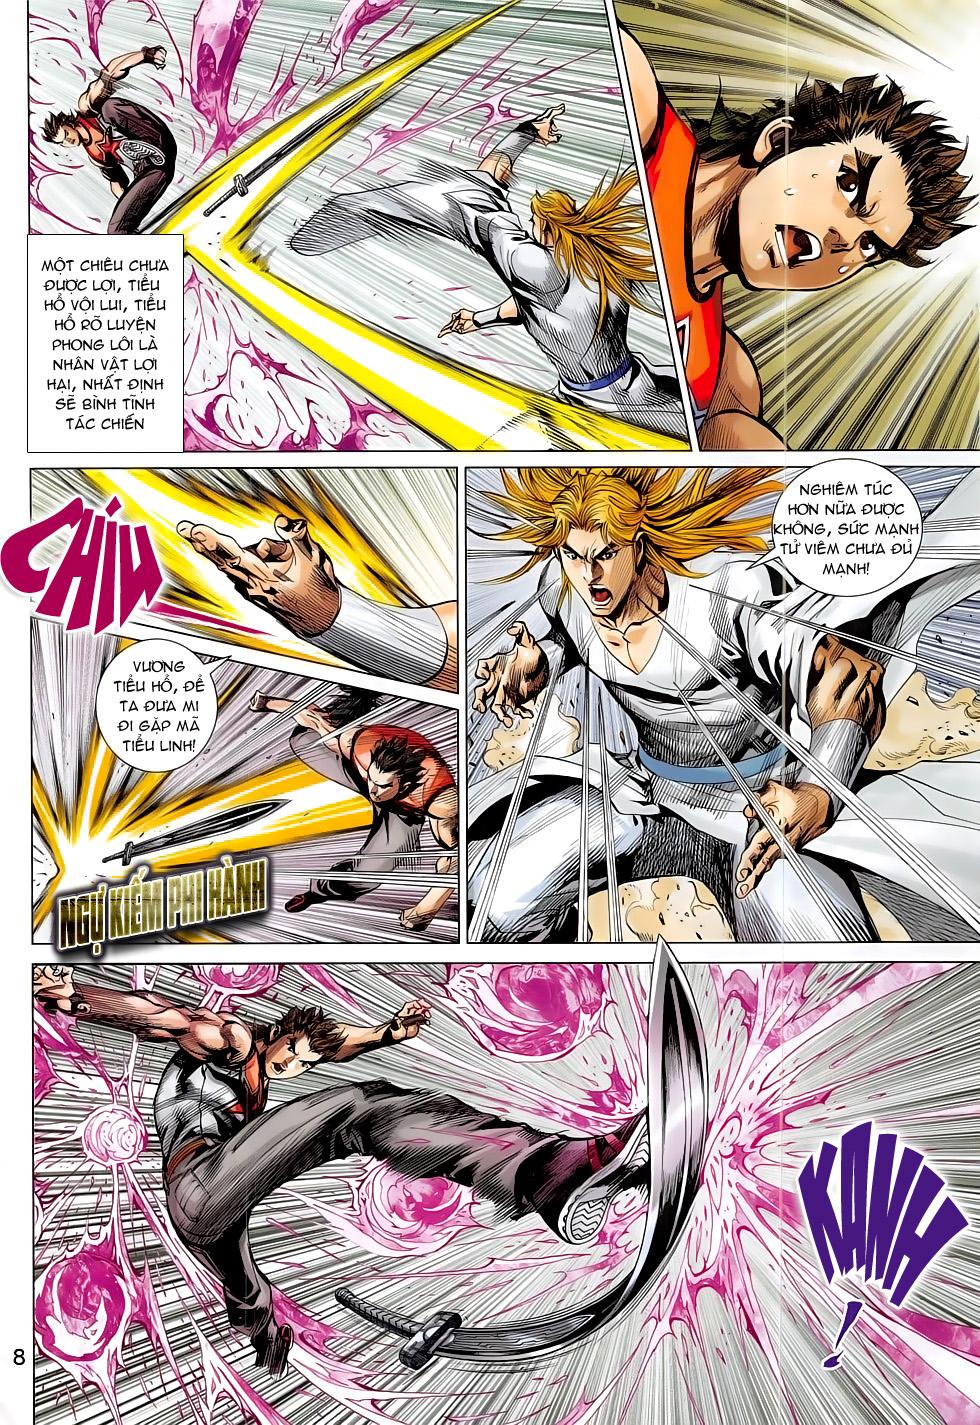 Đông Phương Chân Long chap 64 - Trang 8